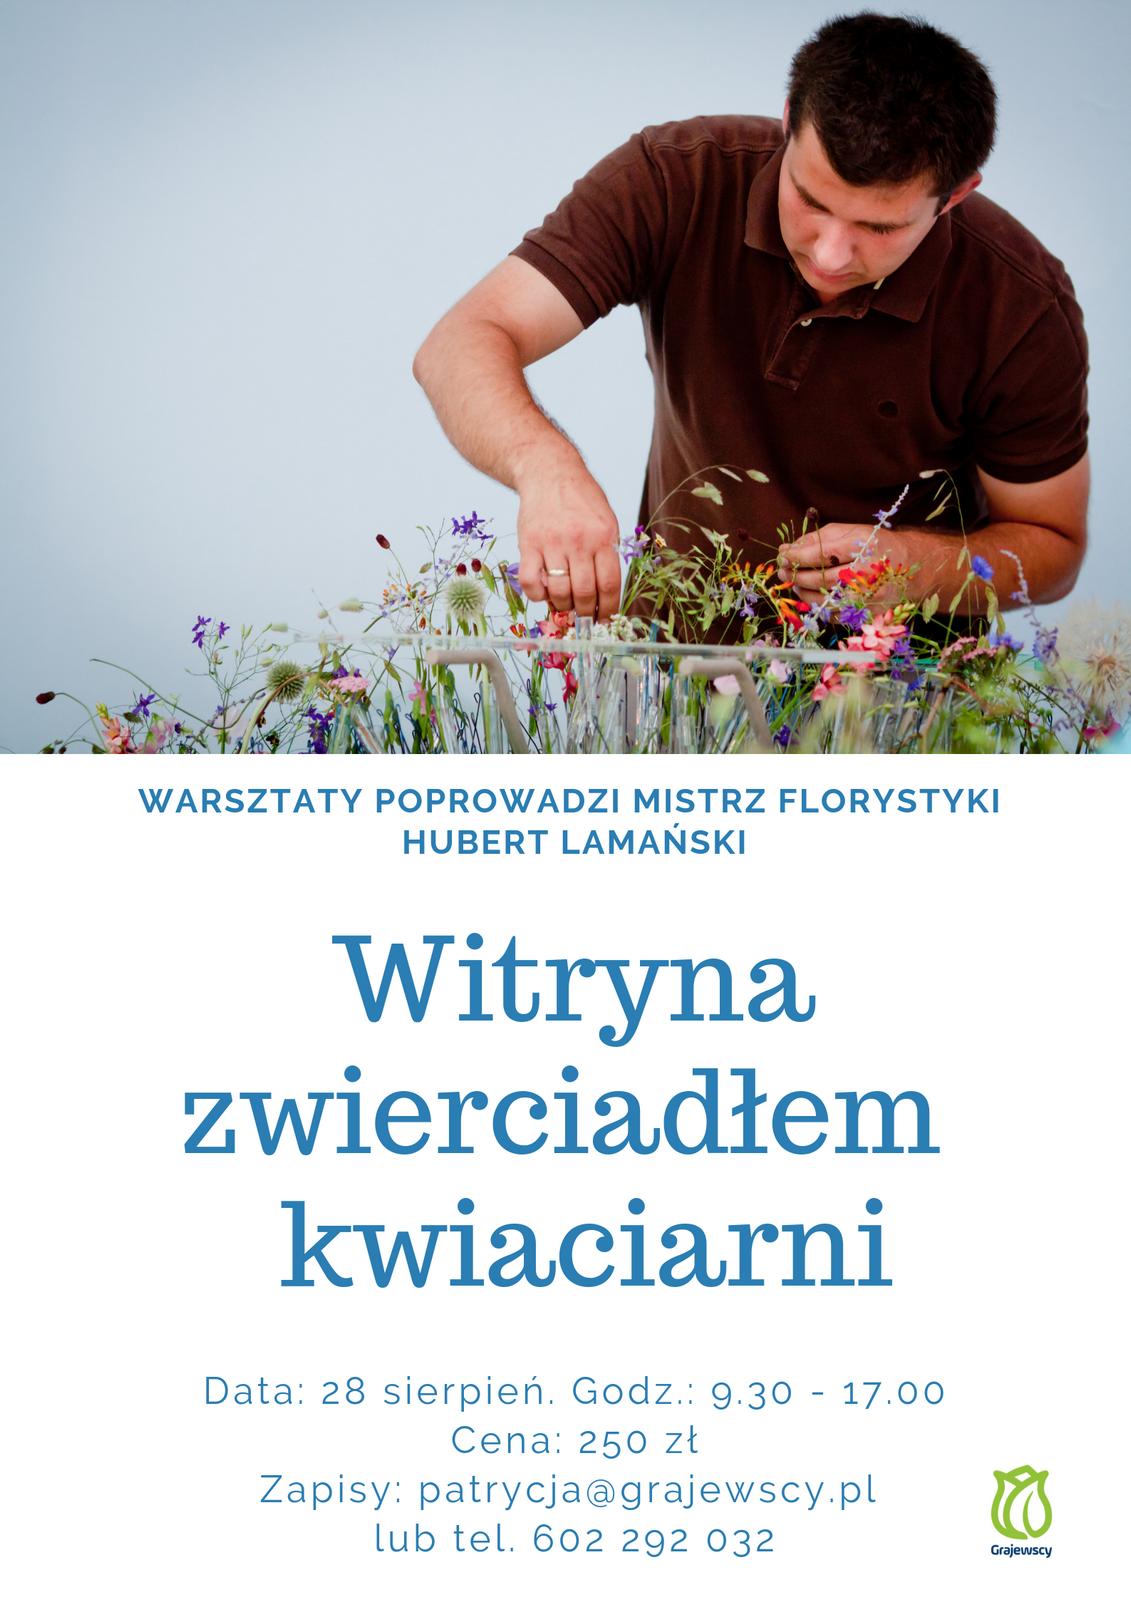 WARSZTATY-Z-MISTRZEM-FLORYSTYKI-HUBERTEM-LAMAŃSKIM-mały.png